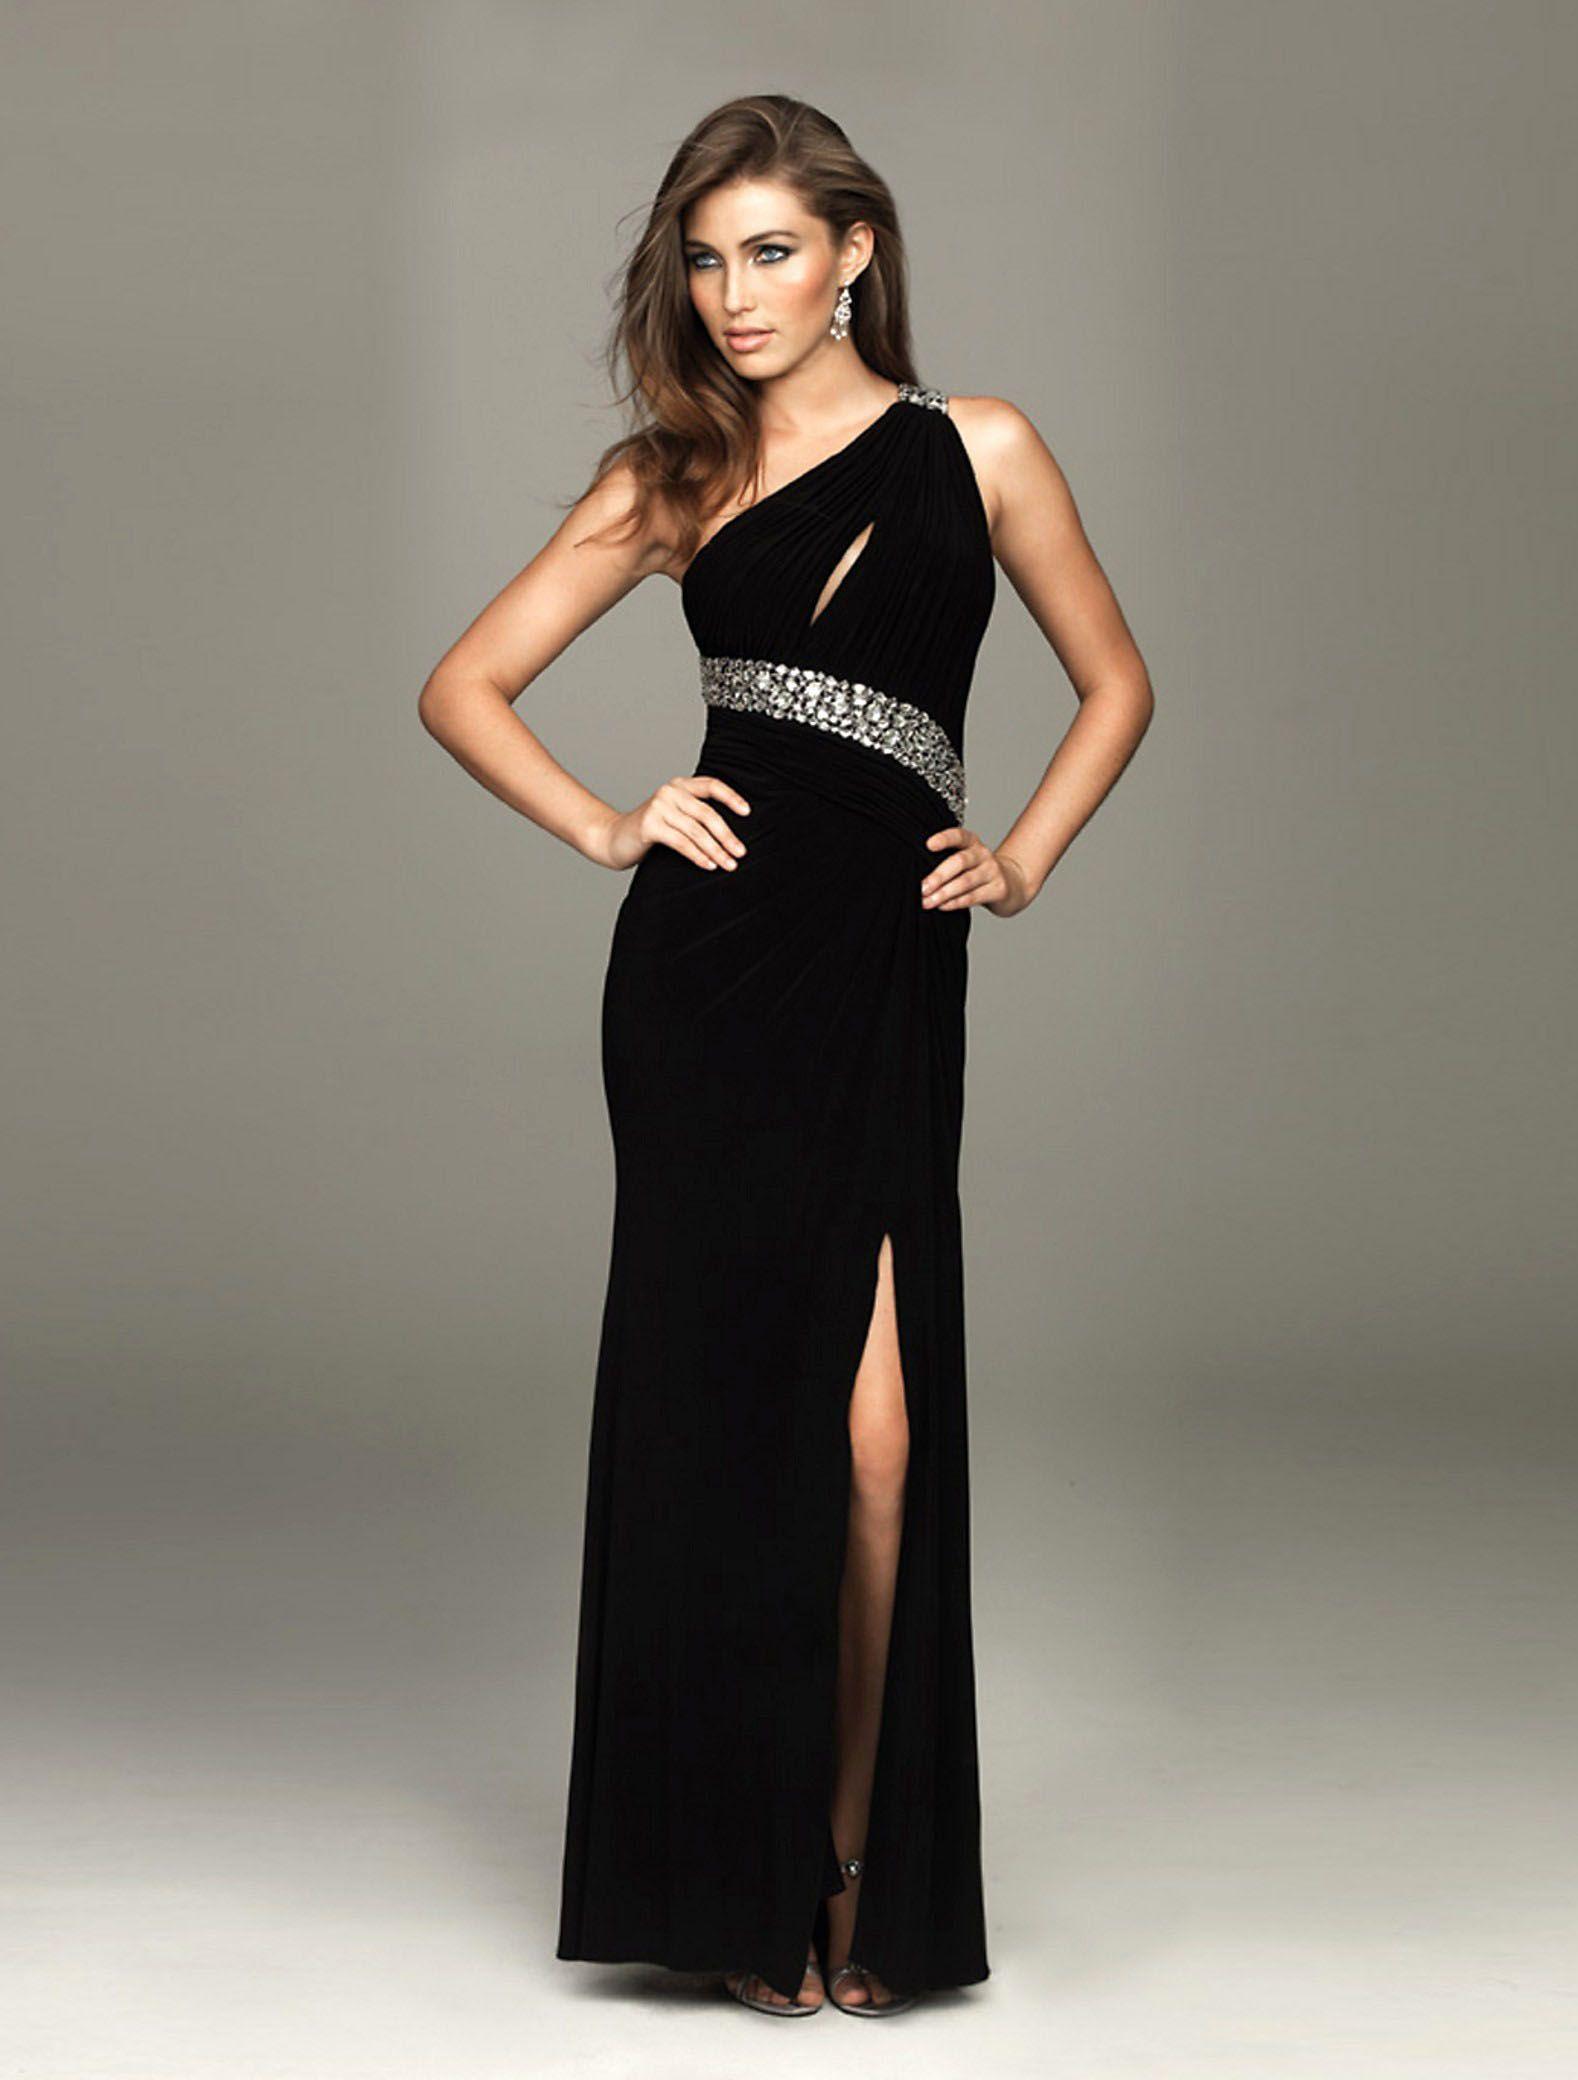 elegant dresses for wedding guests | Forever & Ever | Pinterest ...